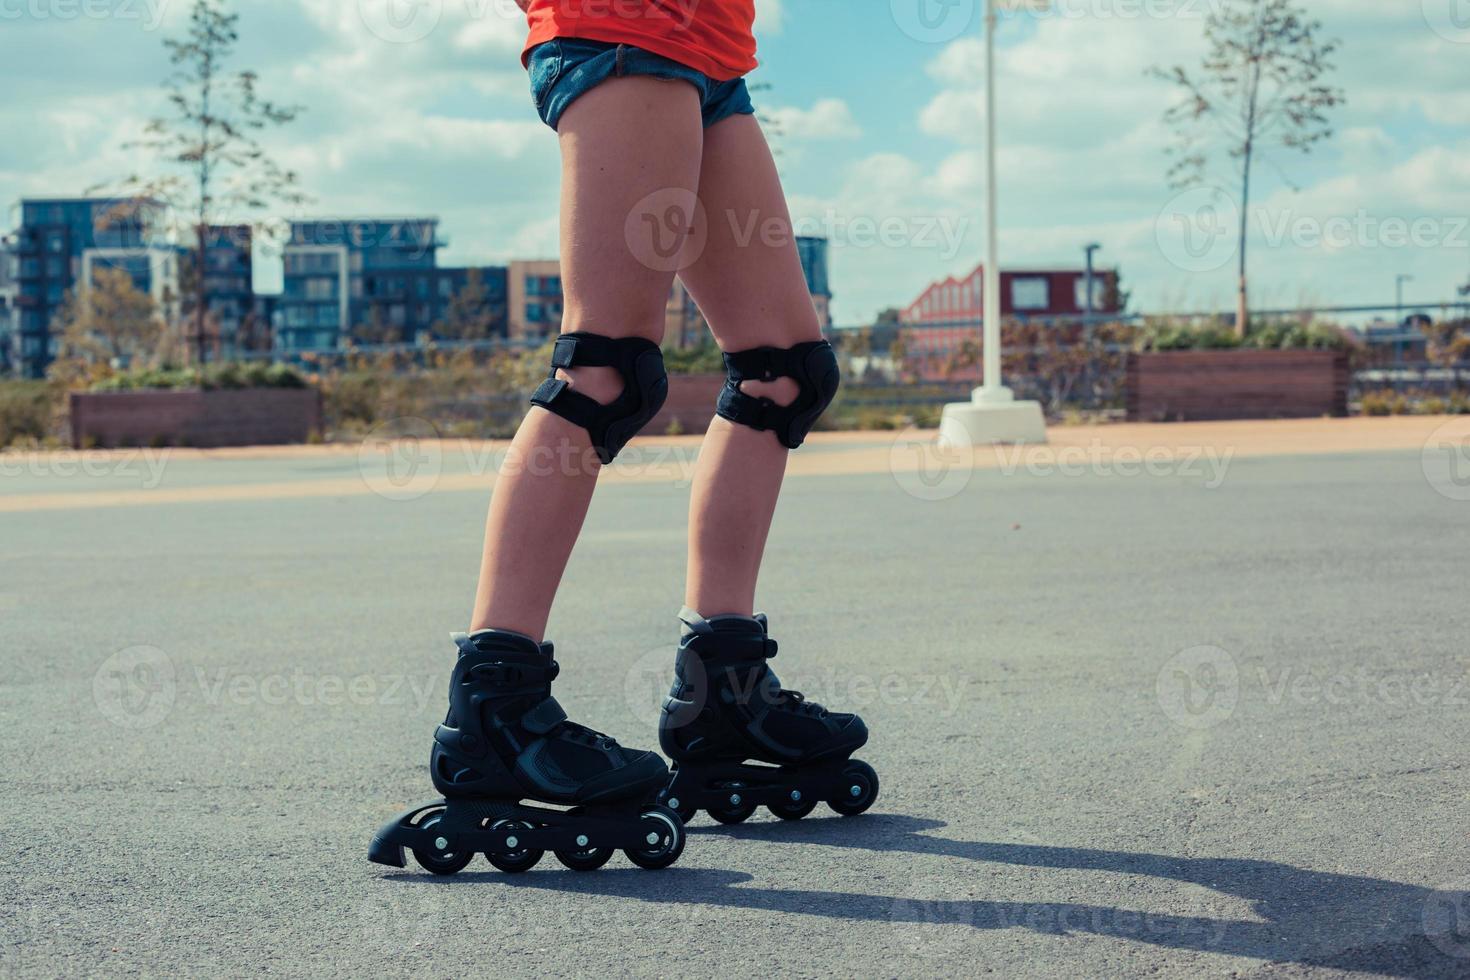 donna con i rollerblade sulla giornata di sole foto